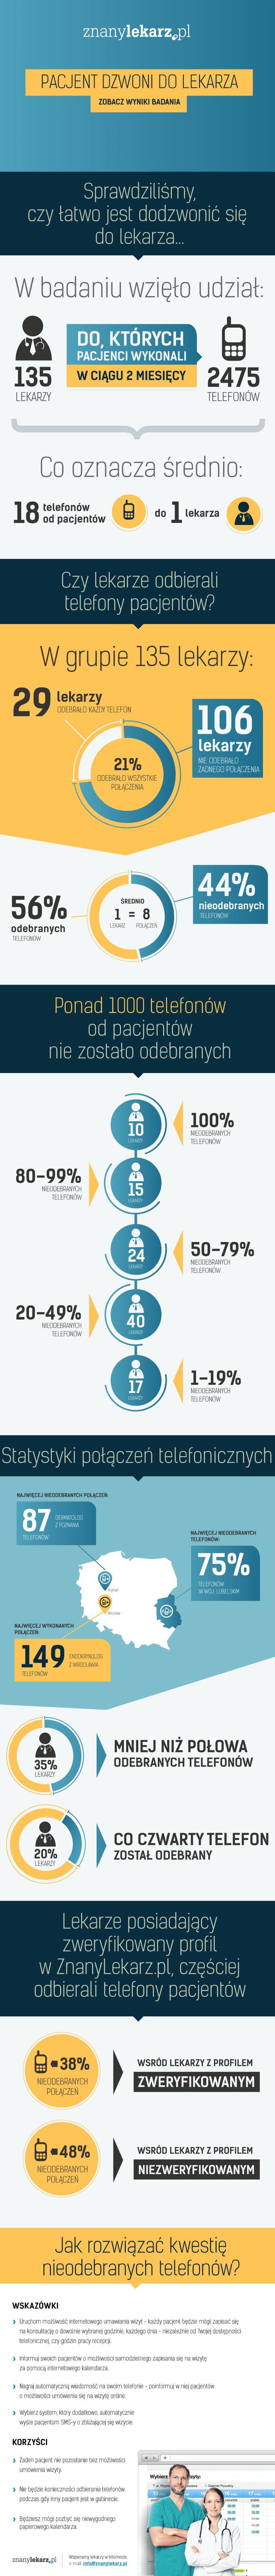 Jak rozwiązać problem umawiania wizyt w gabinecie lekarskim? Ta infografika wyjaśnia skalę problemu w Polsce. Zaskoczeni?  Kalendarz wizyt online założysz na: http://www.znanylekarz.pl